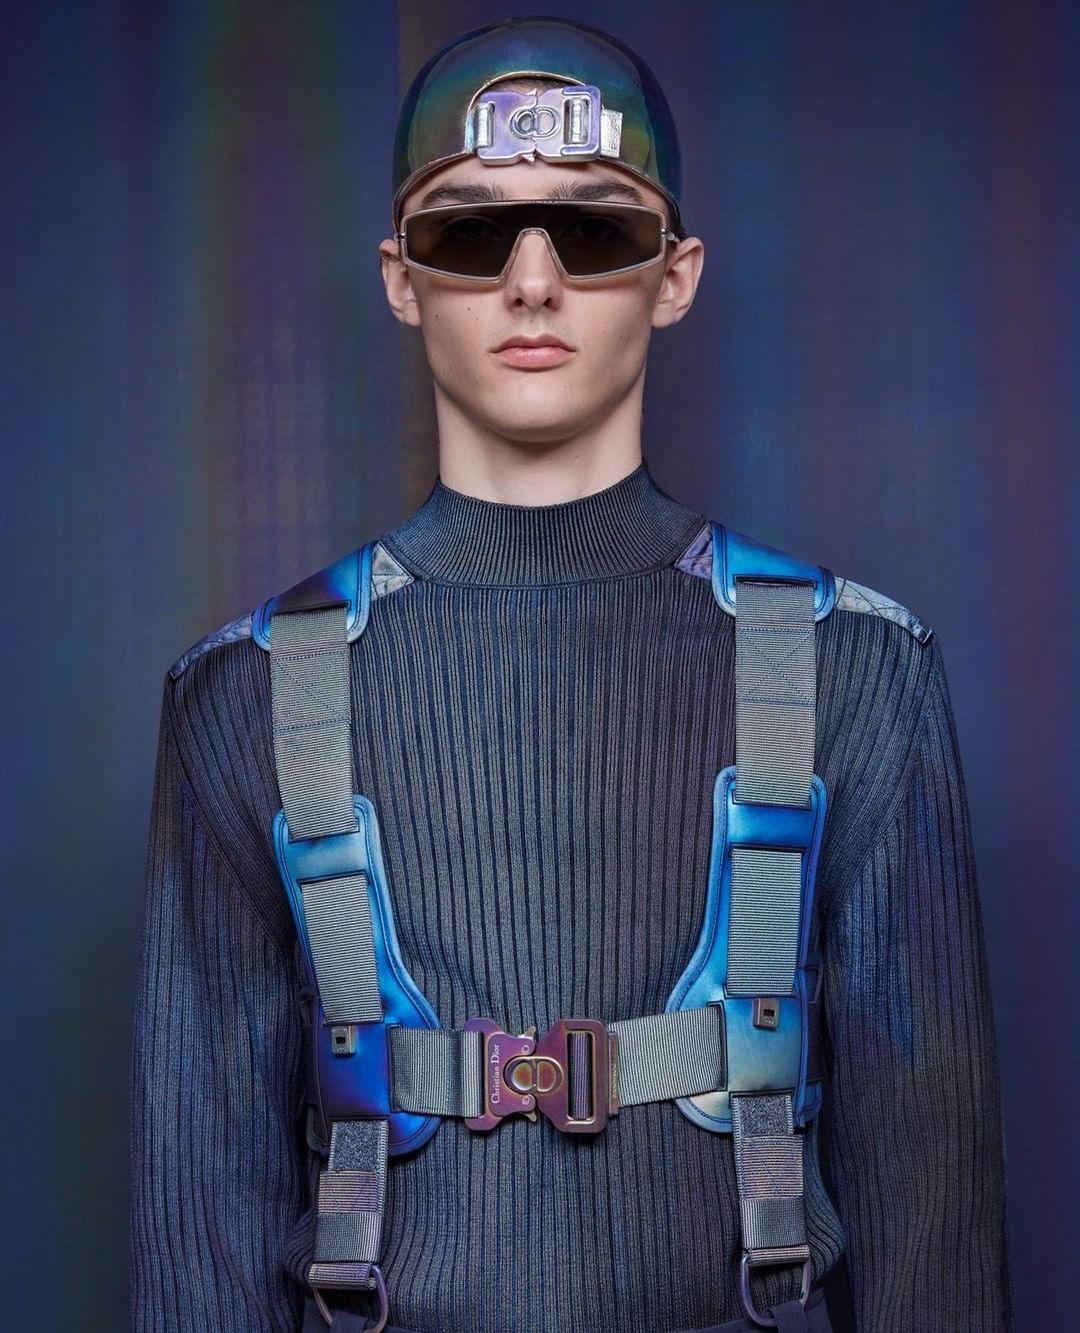 NTK mũ Stephen Jones đình đám từ nước Anh mang đến những thiết kế mũ bóng chày khỏe khoắn, năng động được sáng tạo dựa trên những biểu tượng của Dior Homme.